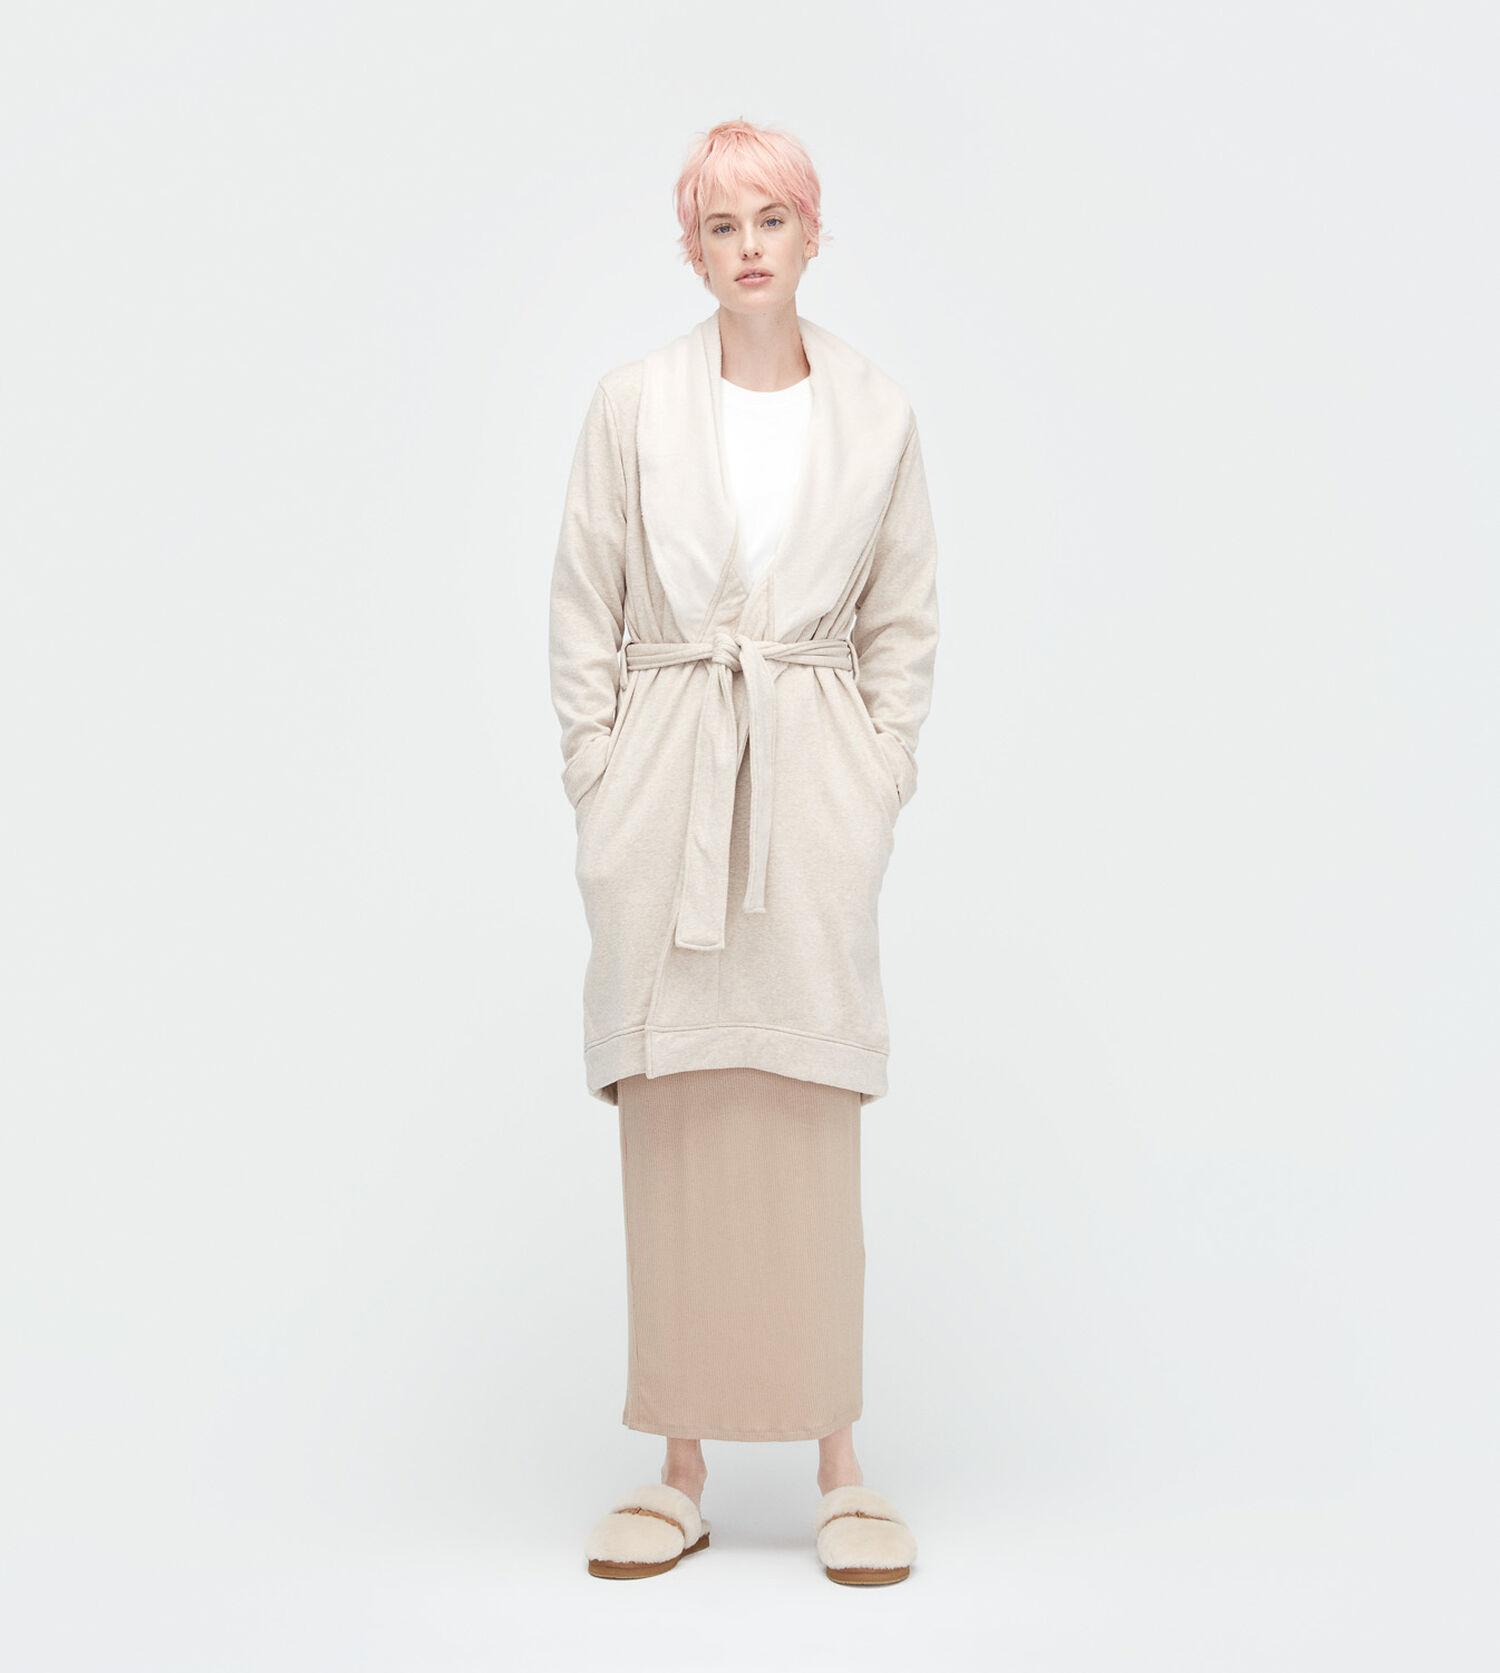 b1eaca92ad Zoom Blanche II Robe - Image 3 of 4